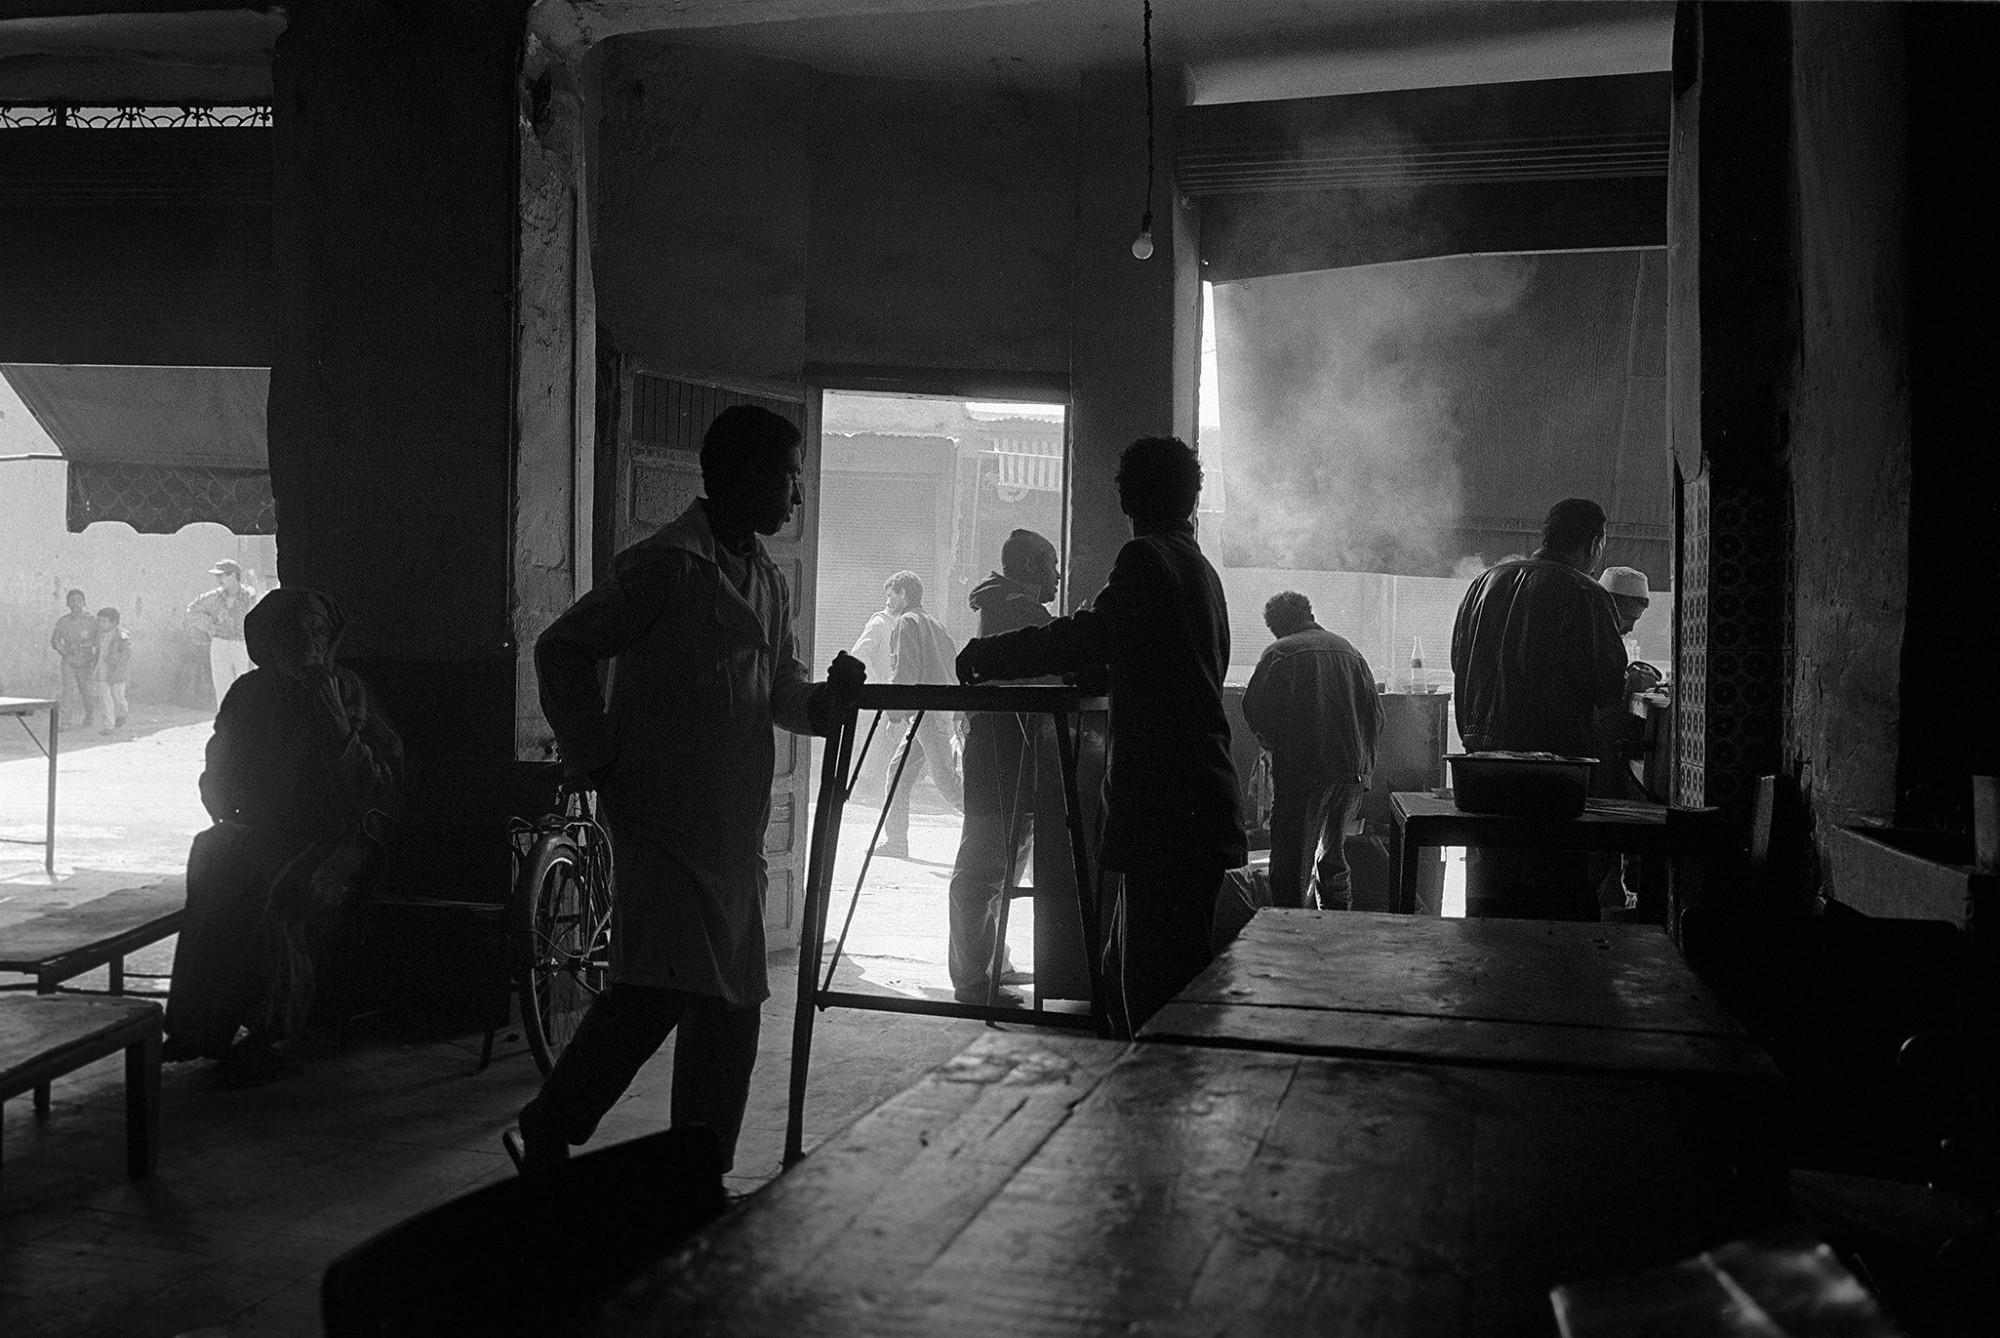 Afbeelding: ART- Fotografie © Dominique Van Huffel, uit de reeks: De kleur van zwart. Restaurant, Marrakech, Marokko.